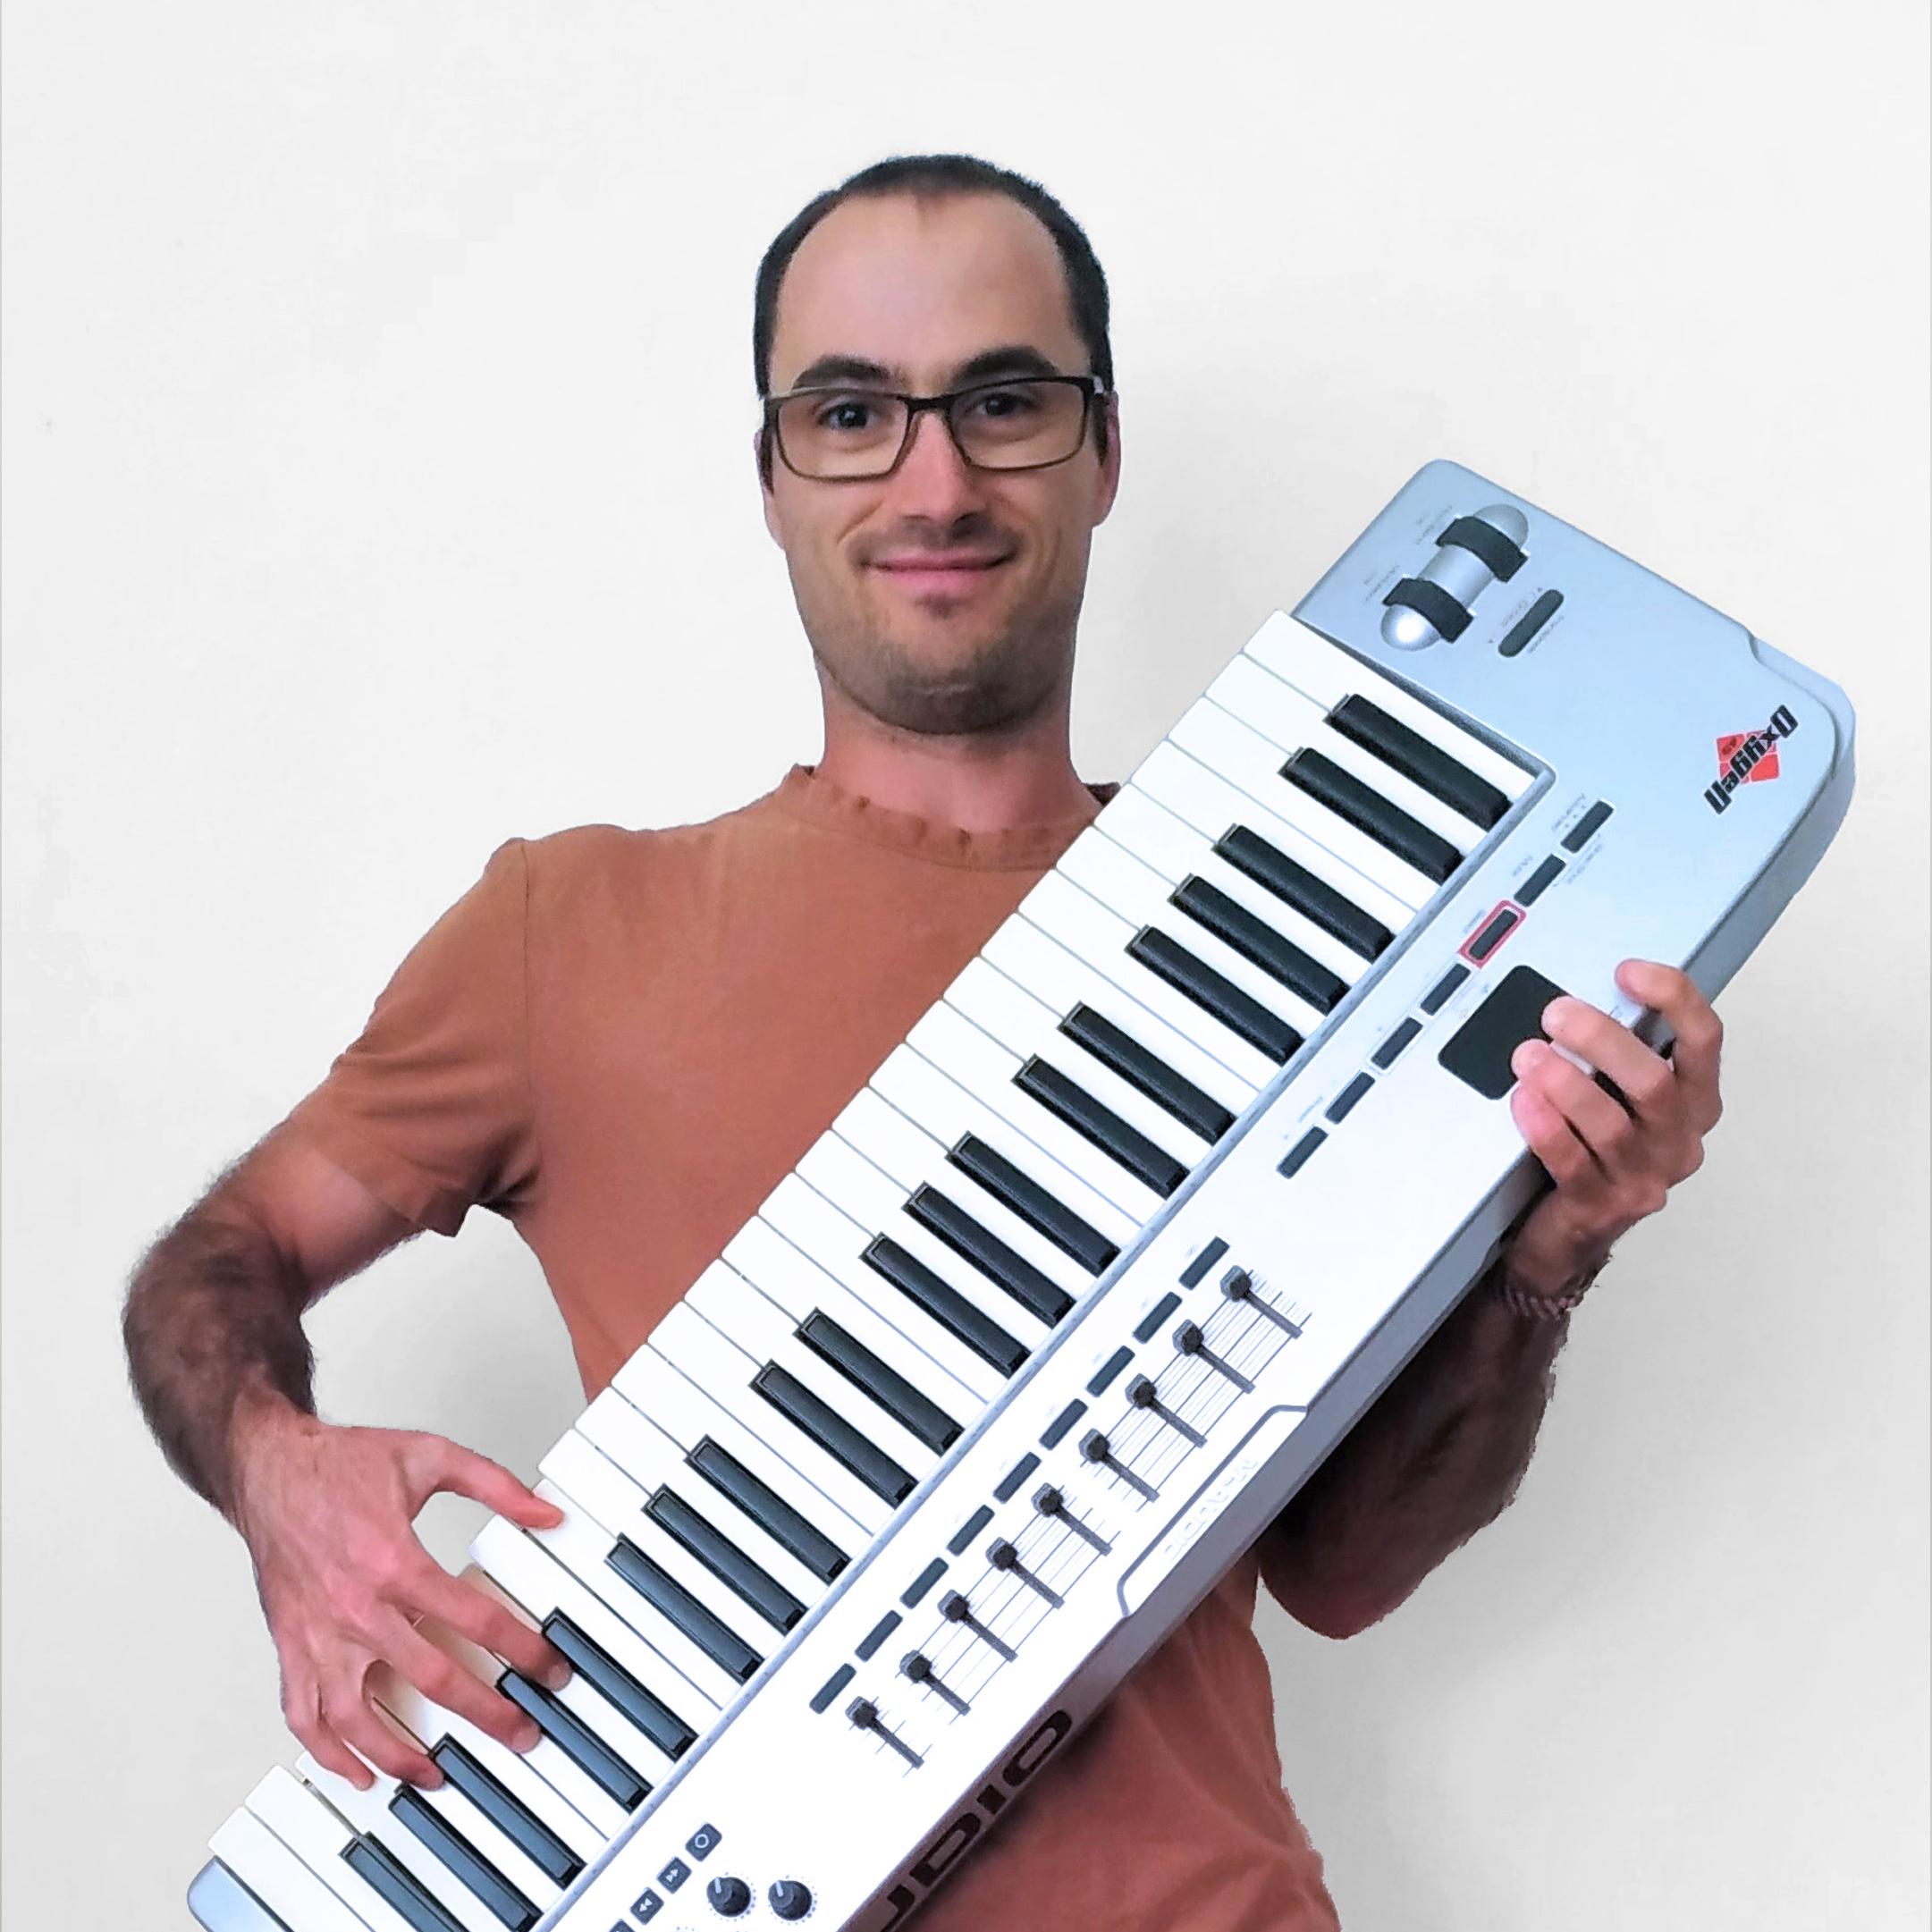 Pau S. - Transcripteurs de musique professionnels